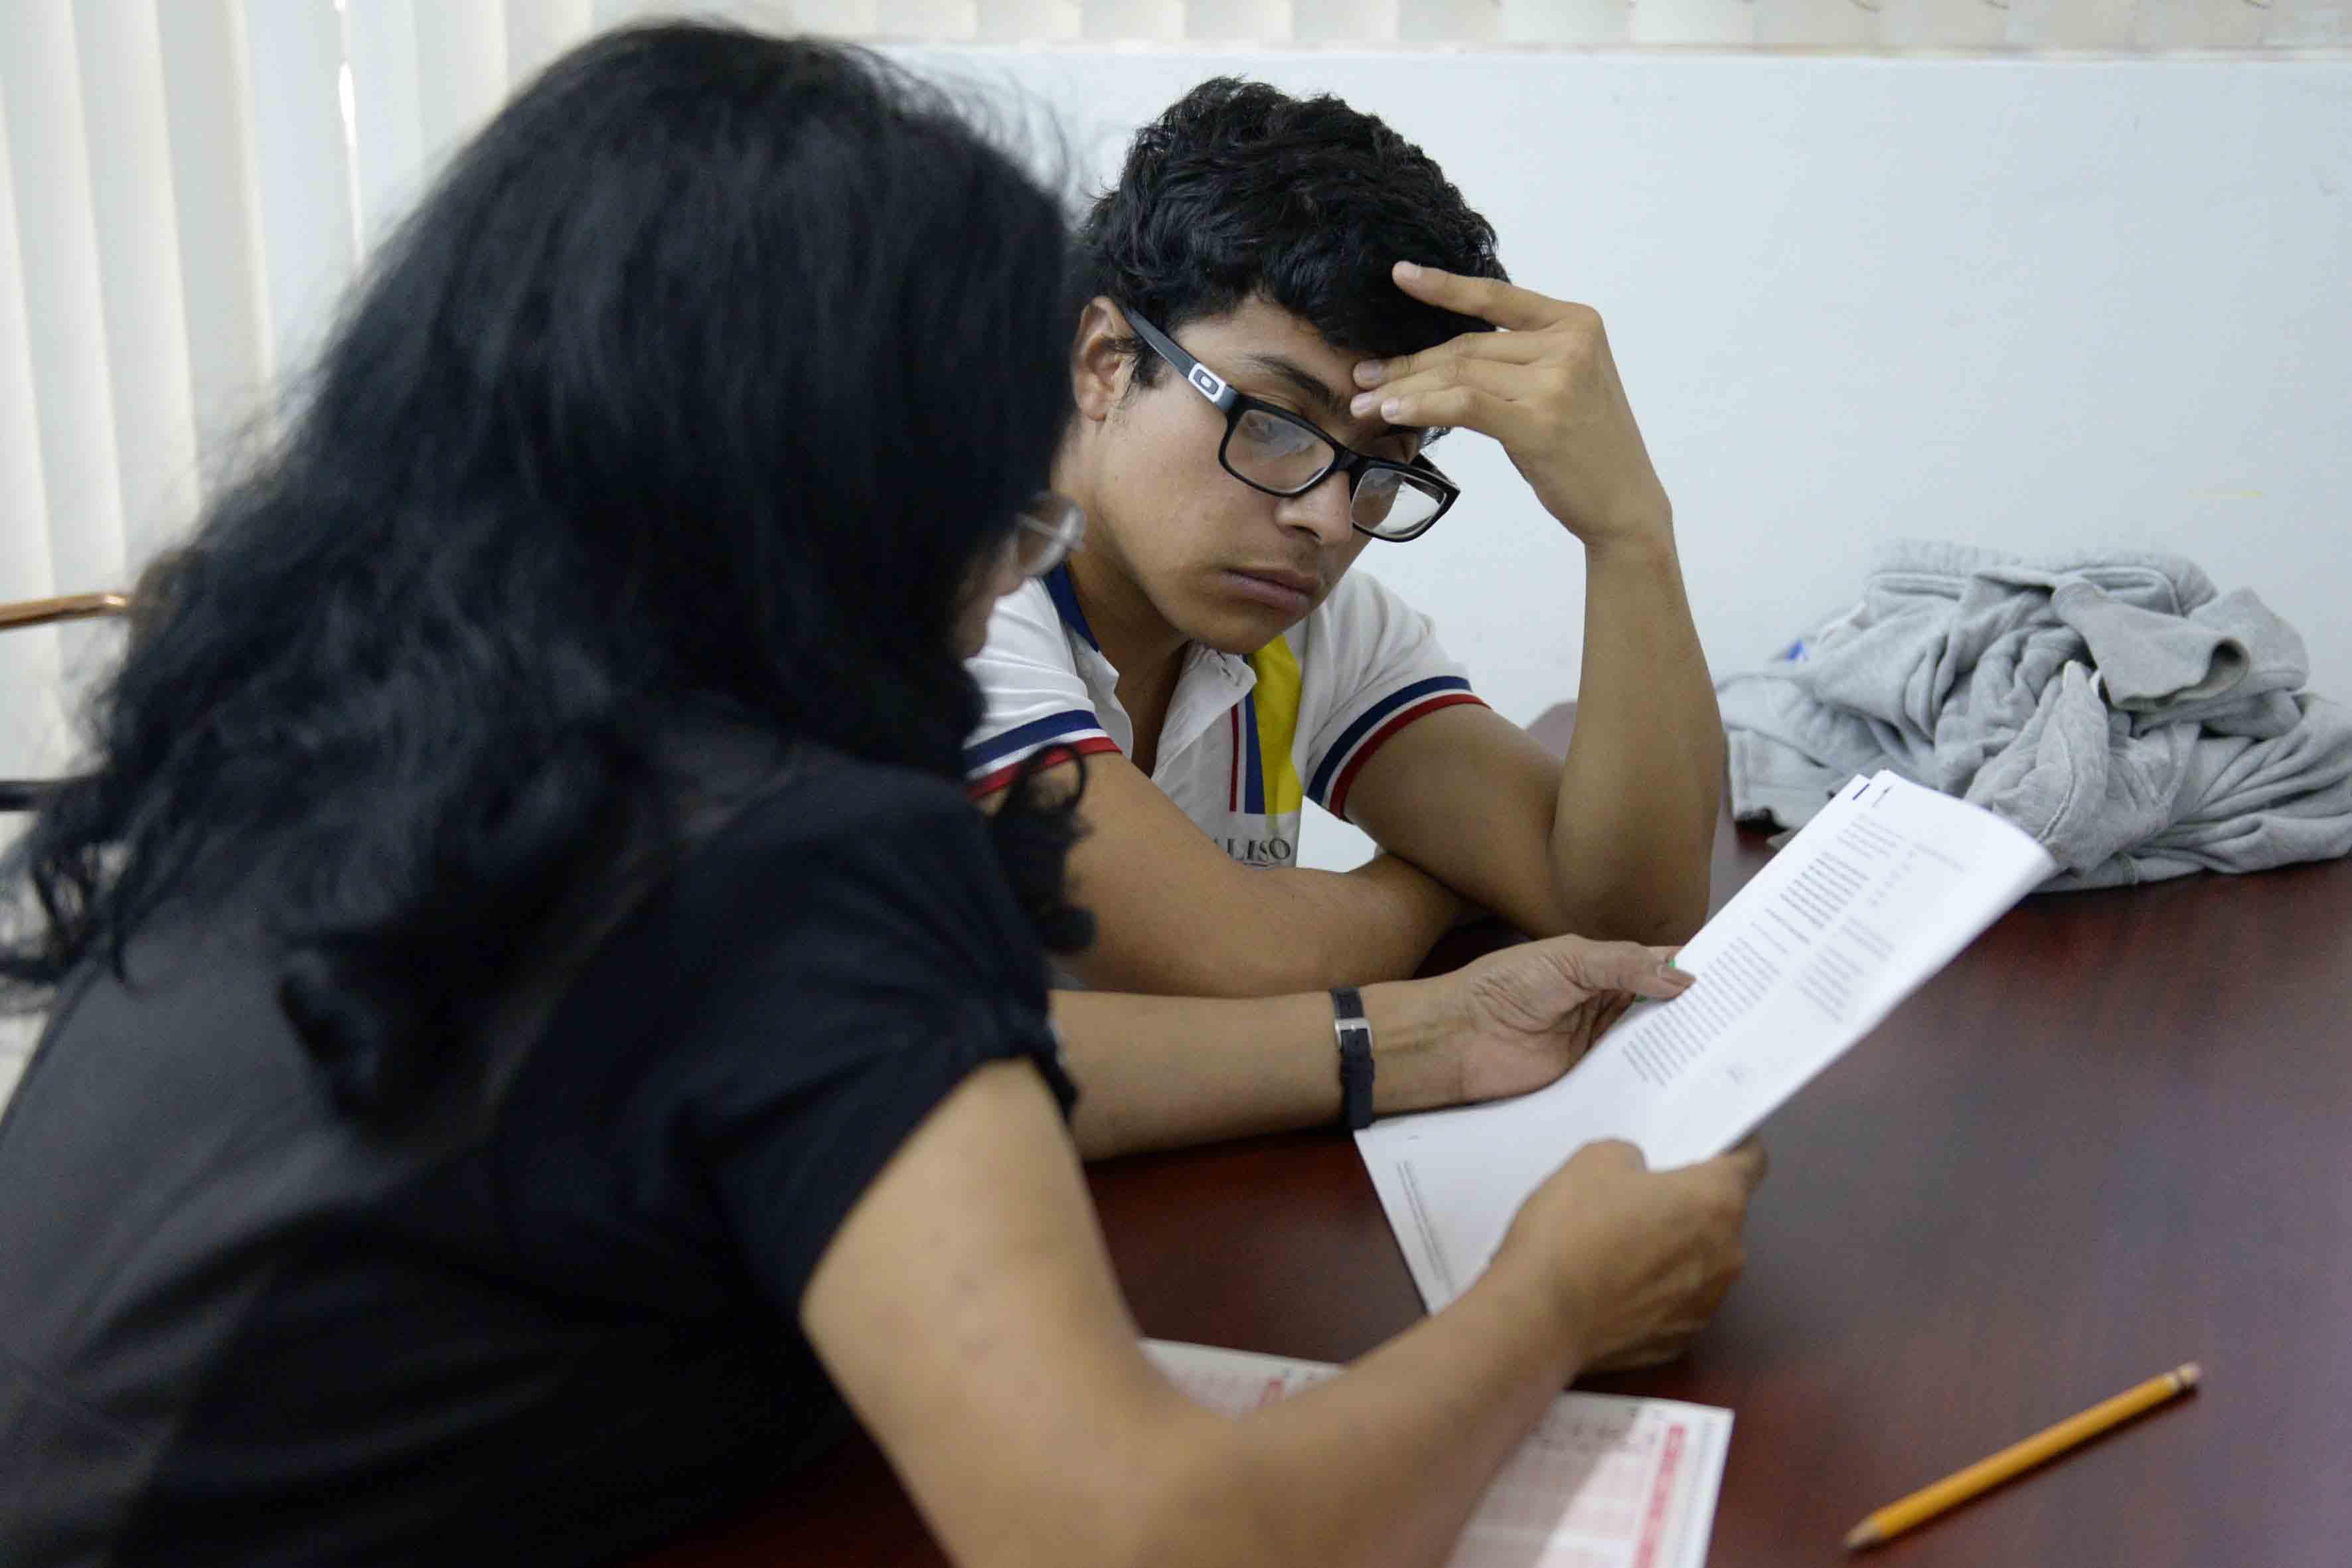 Estudiante con Discapacidad Visual realizando examen escrito, con el apoyo de un lector.